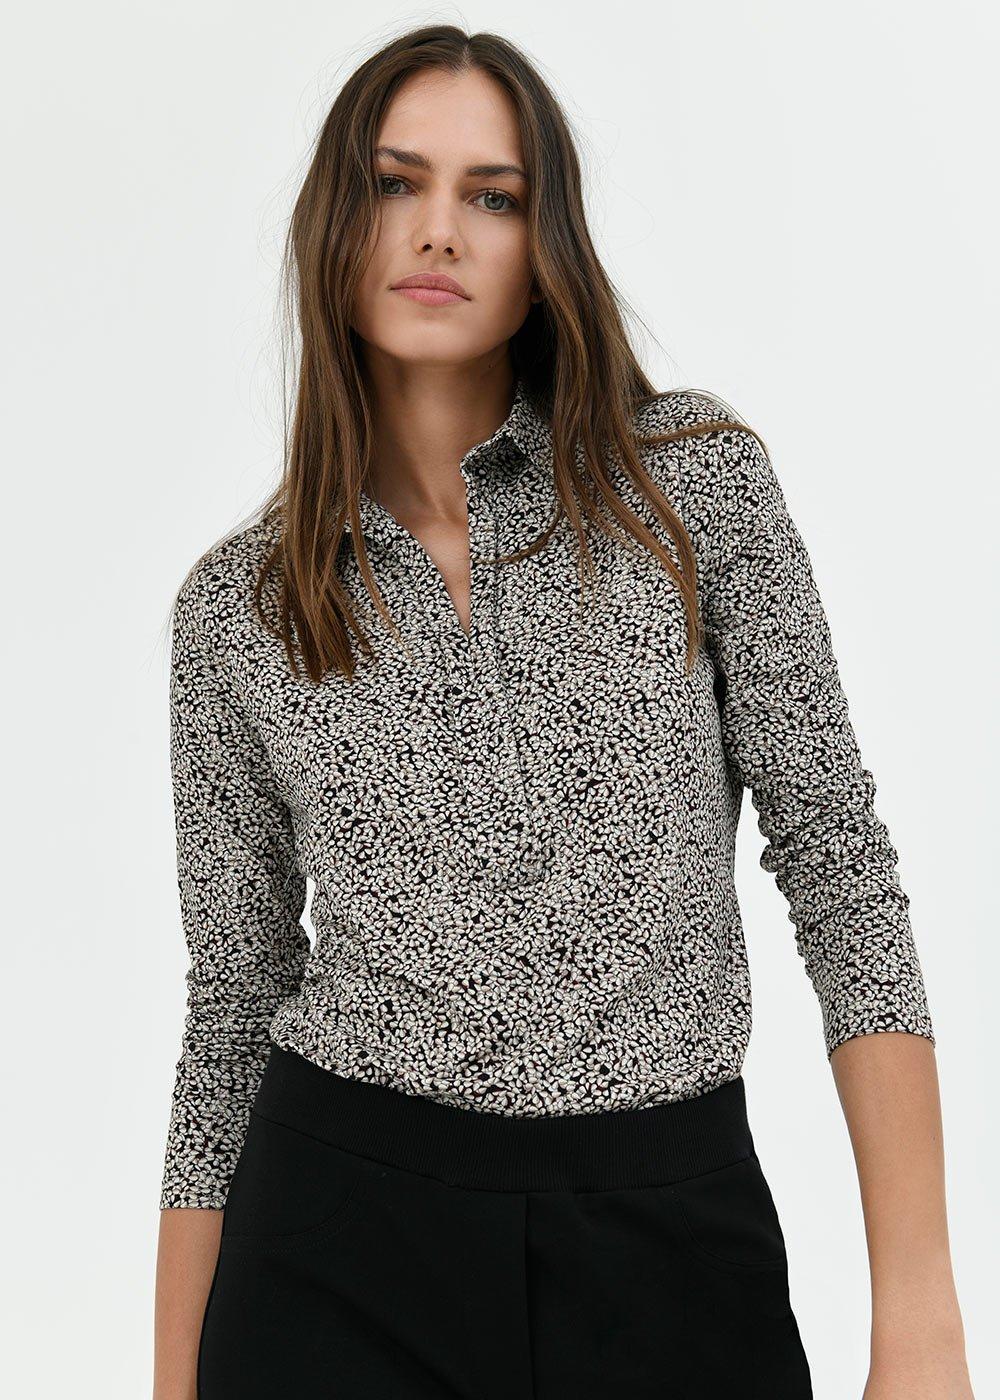 T-shirt Sheyla con colletto - Black / White / Fantasia - Donna